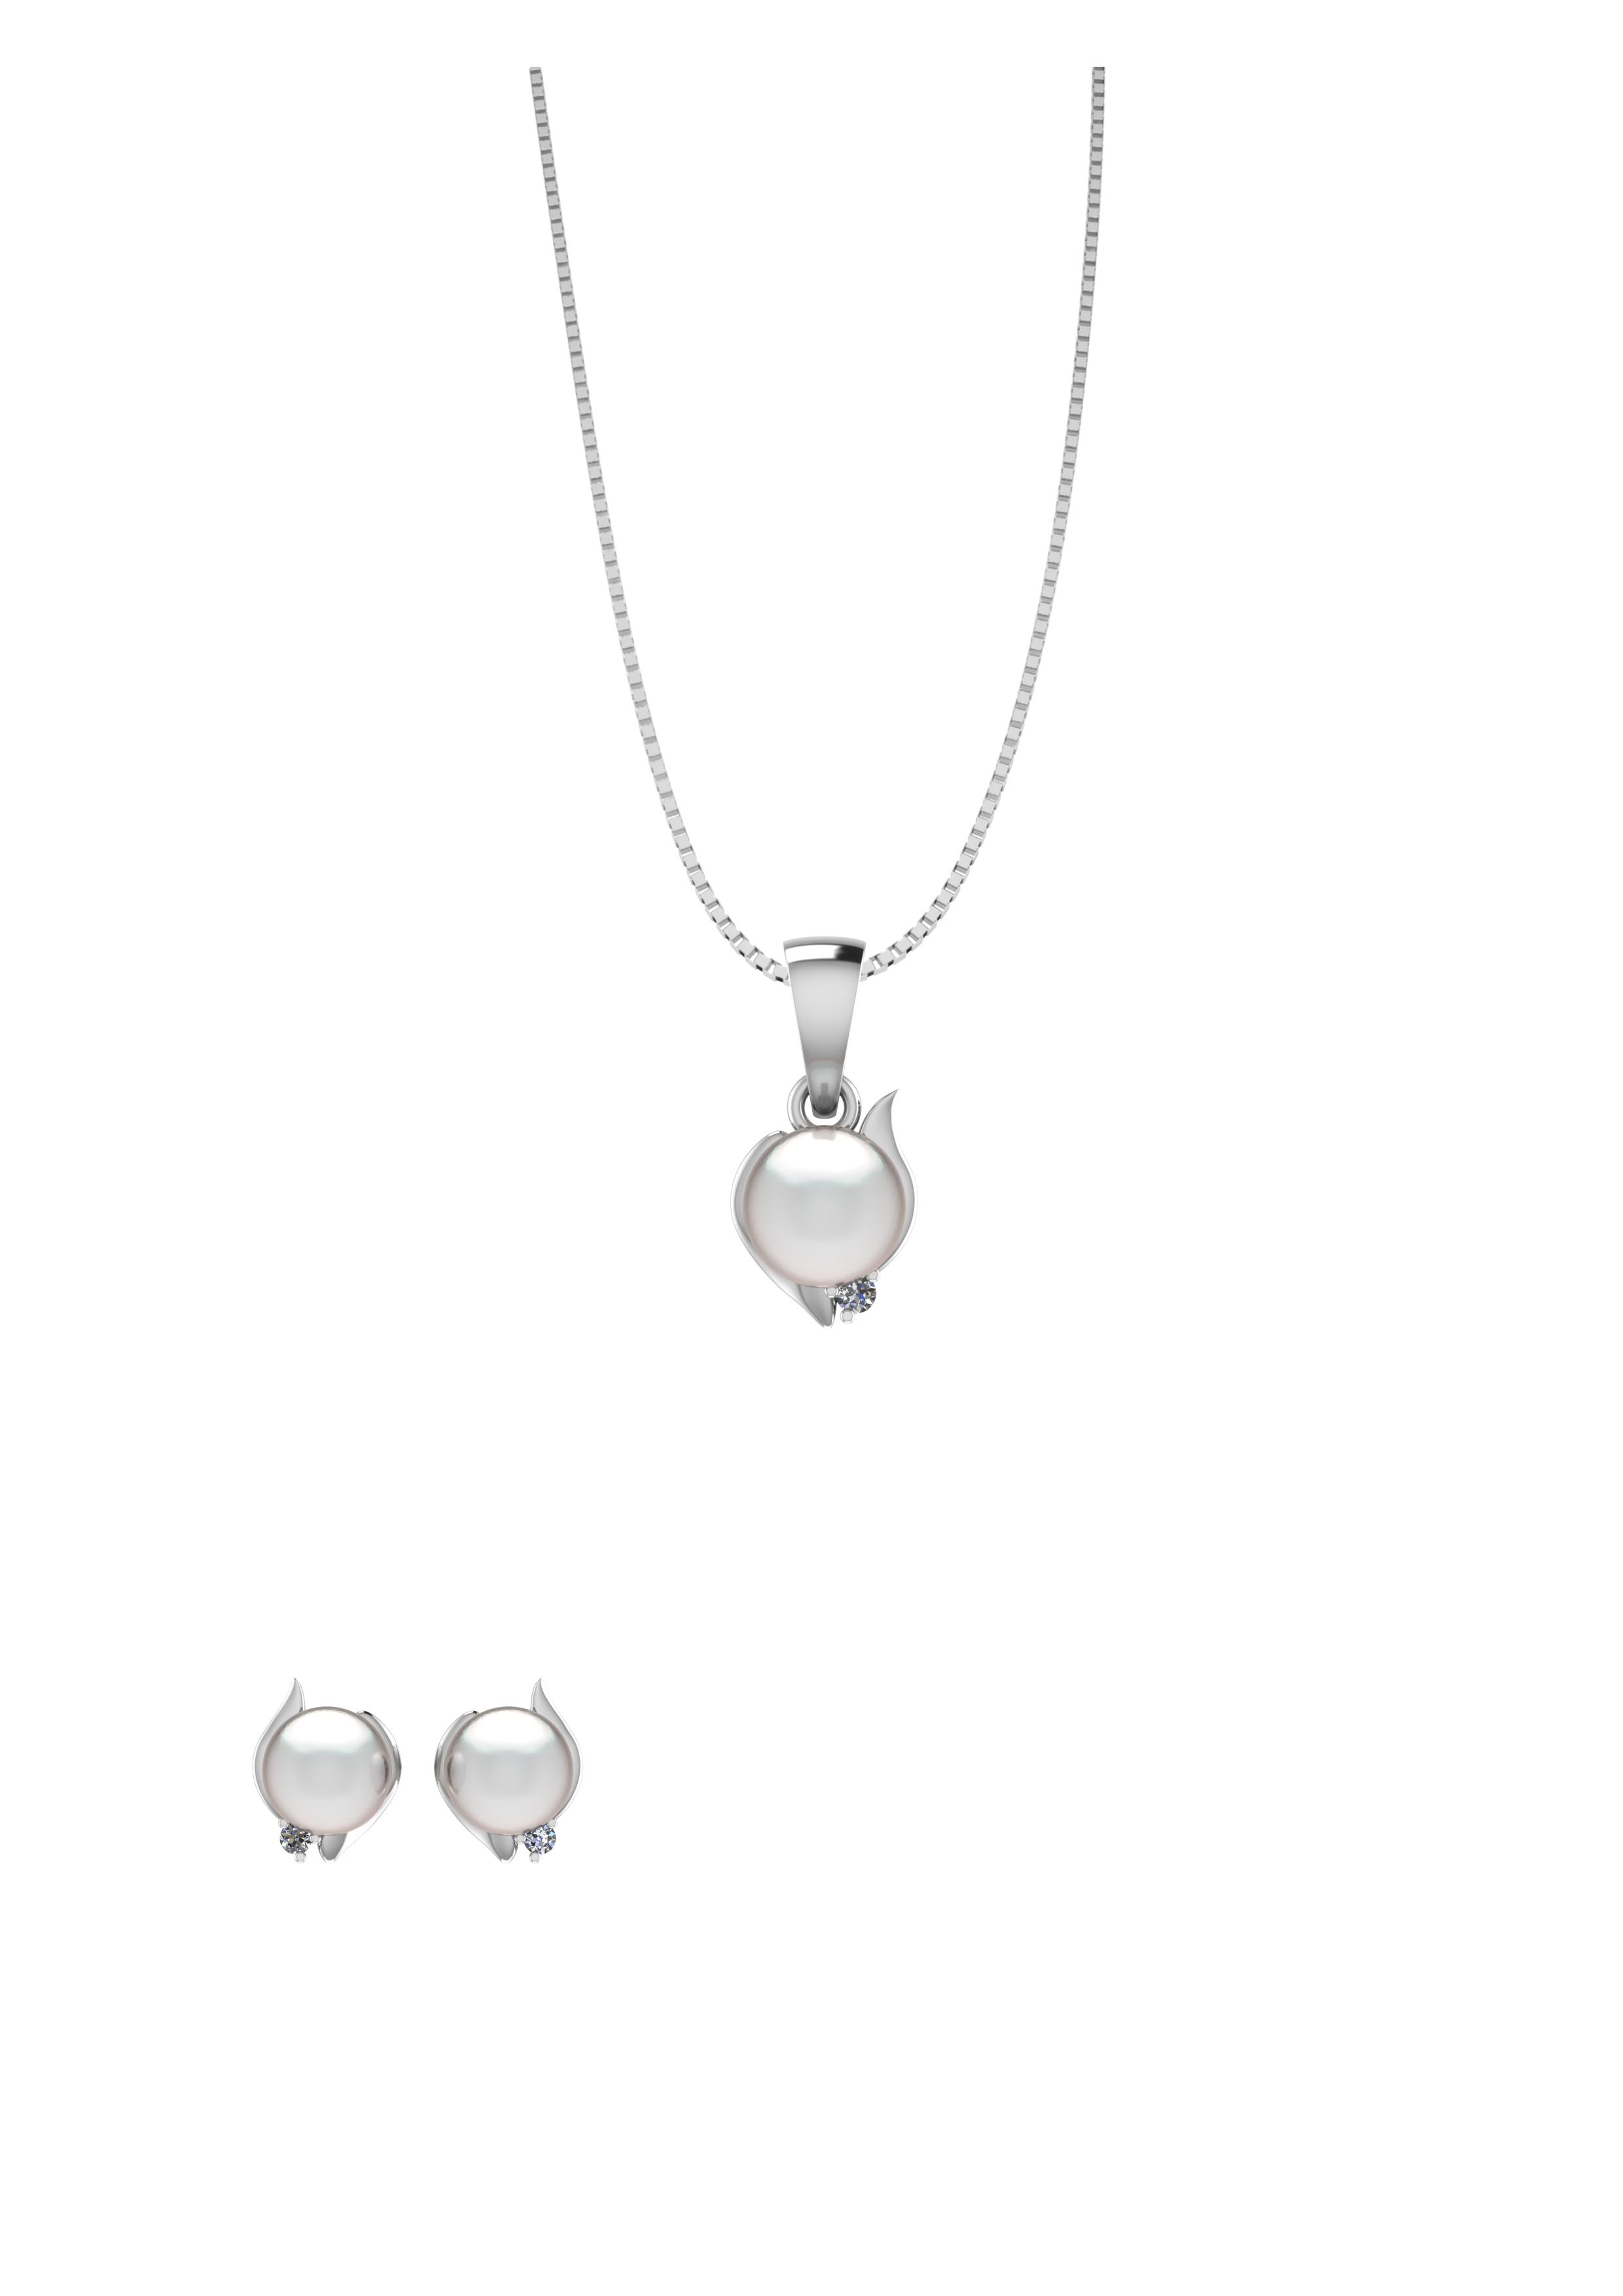 Image of   Smykkekæden Sterling Sølv Smykkesæt med Perle SÆT592